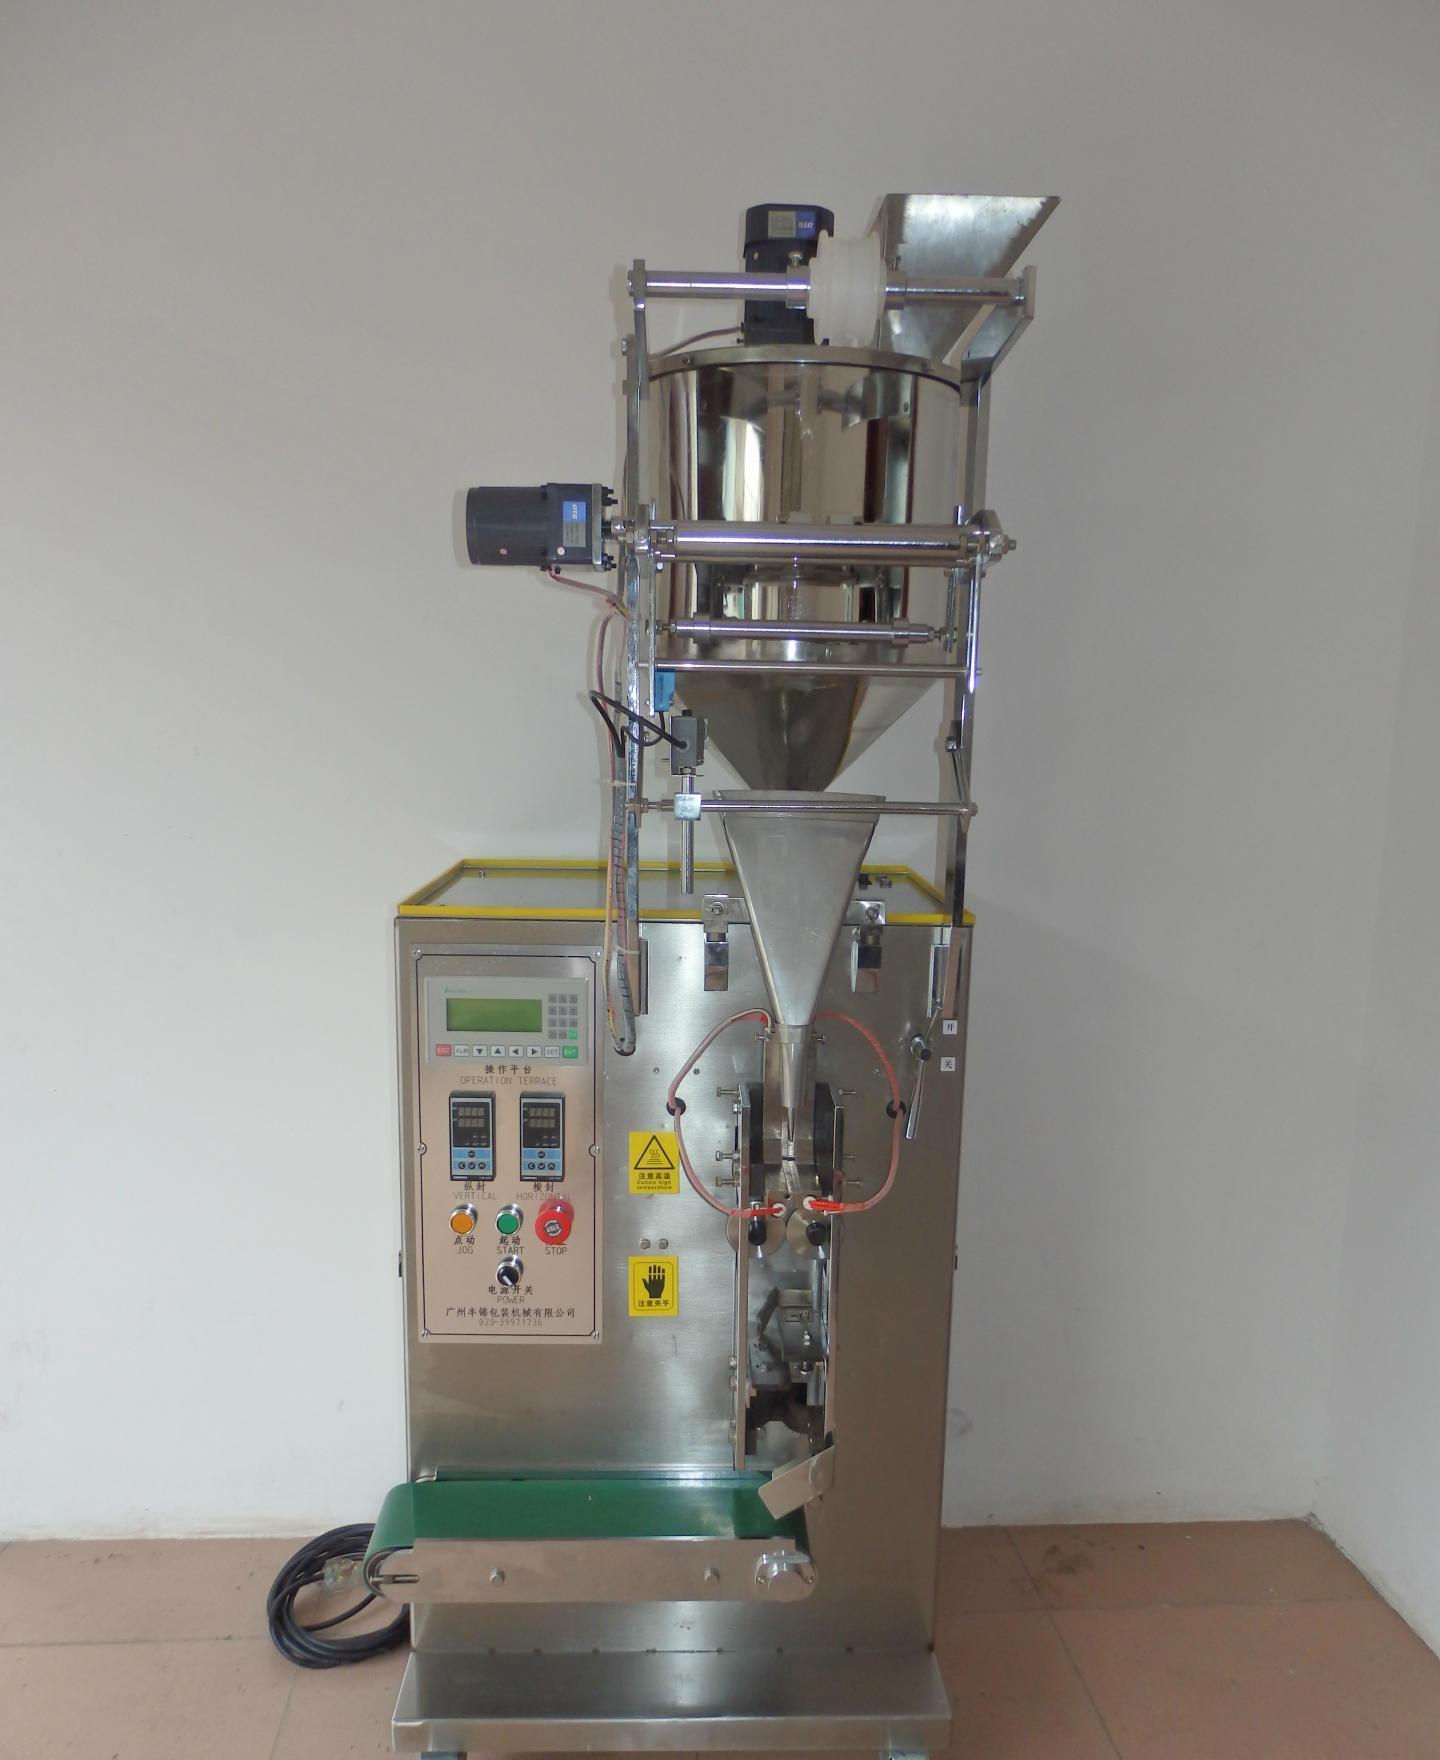 灌装辣椒酱的机器全自动的每小时能灌装多少瓶!